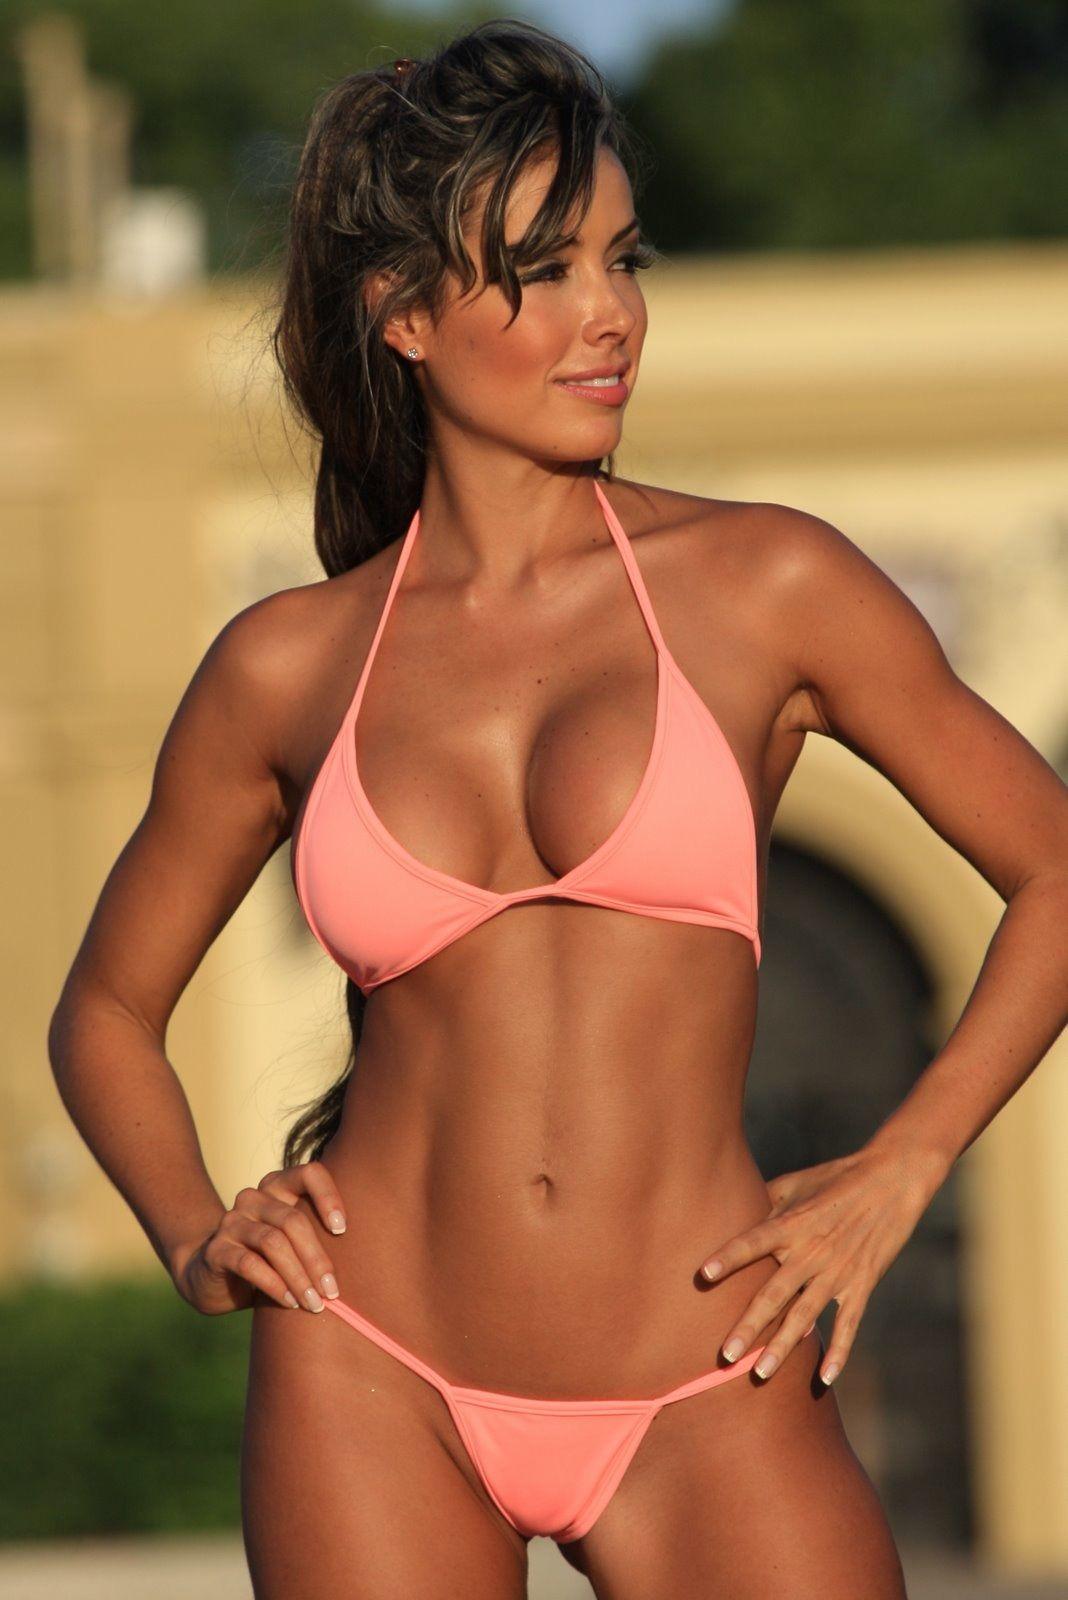 Fitness Kvinner I Strengbikini